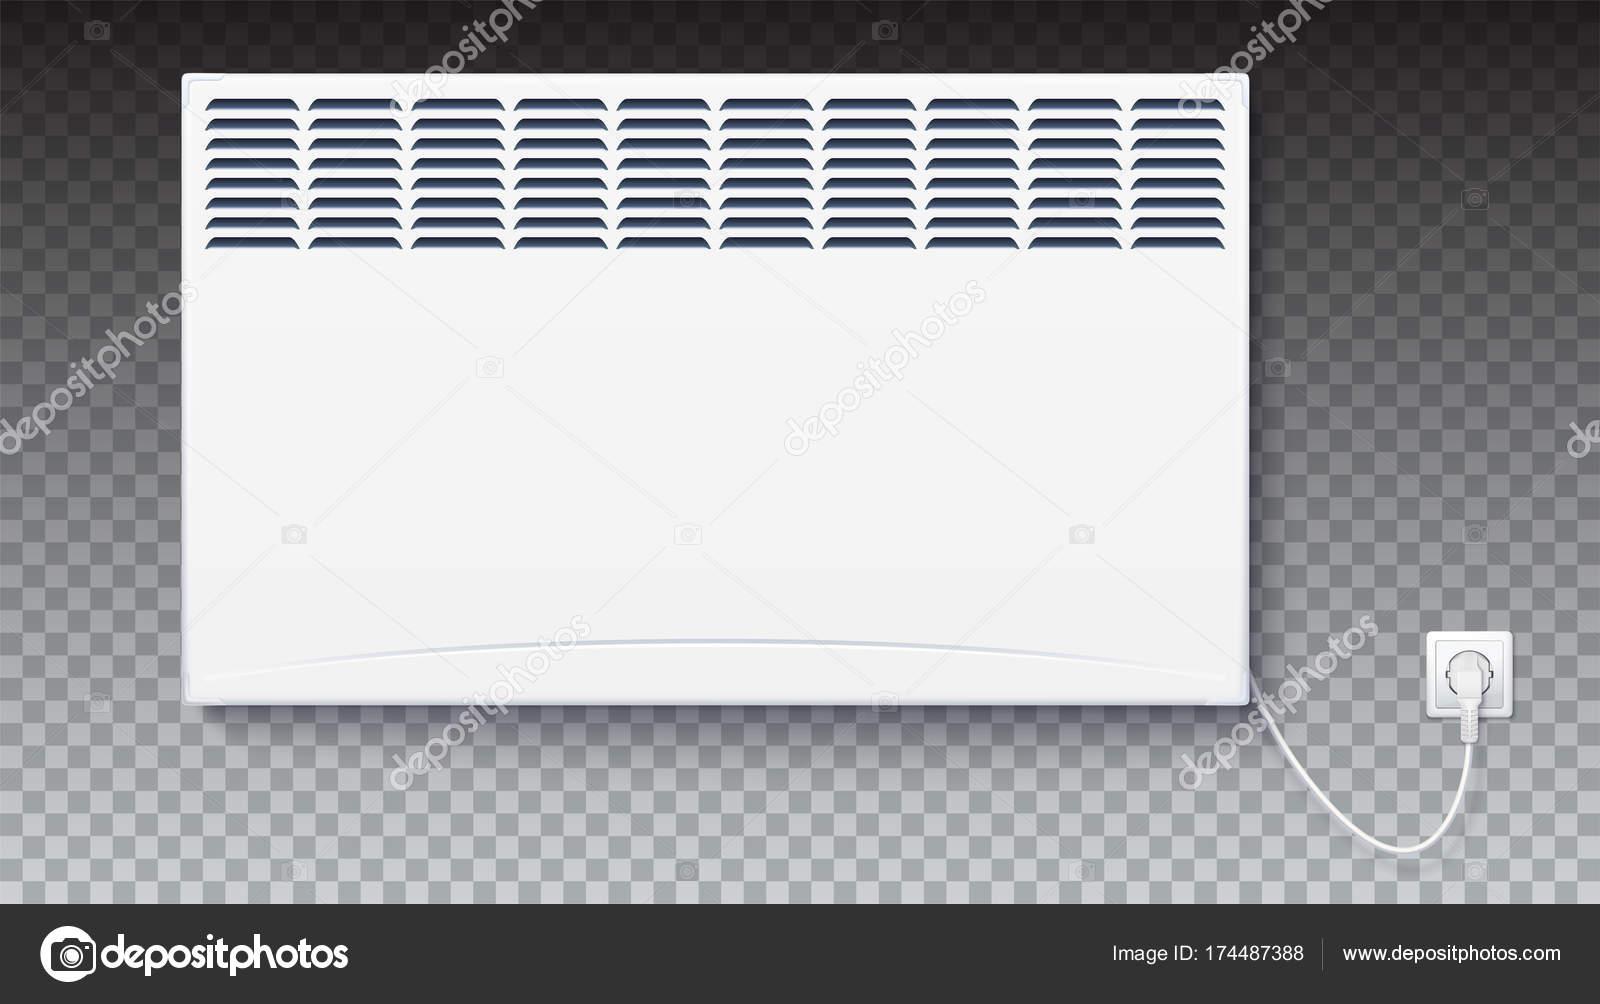 inl ndische elektrische heizung ikone der heimat konvektor angeschlossen das kabel mit stecker. Black Bedroom Furniture Sets. Home Design Ideas